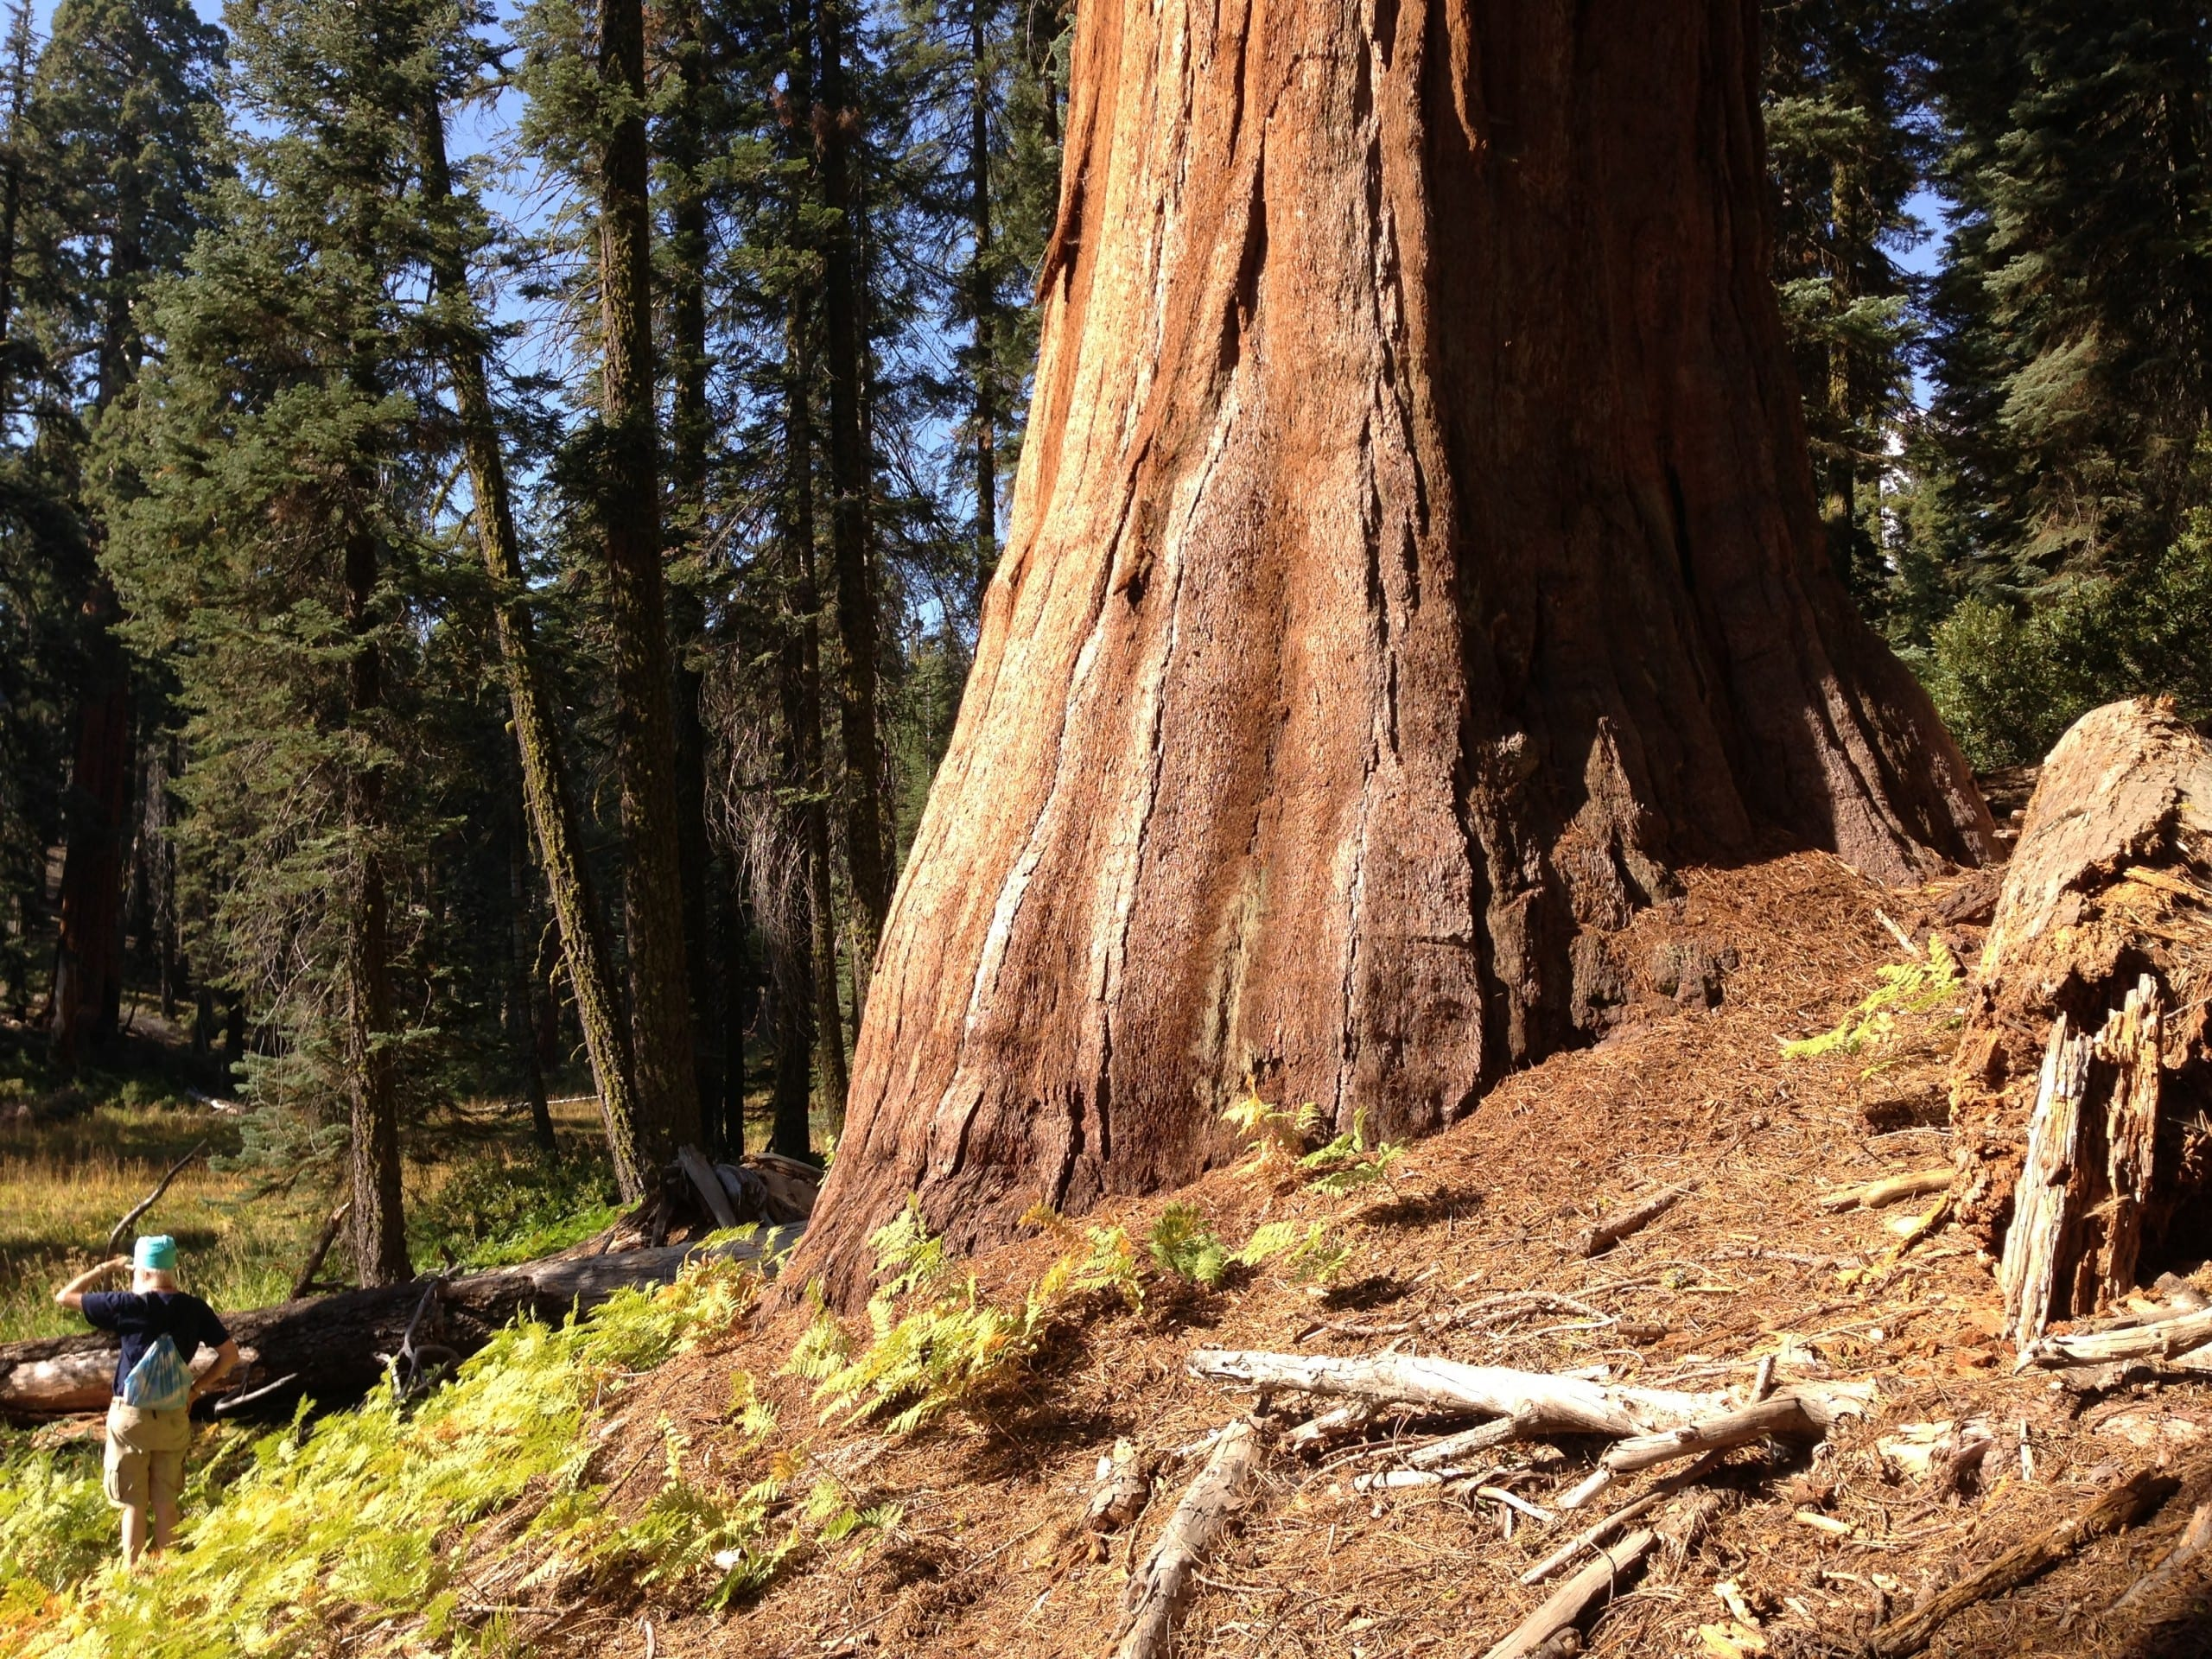 Kartar next to Sequoia tree